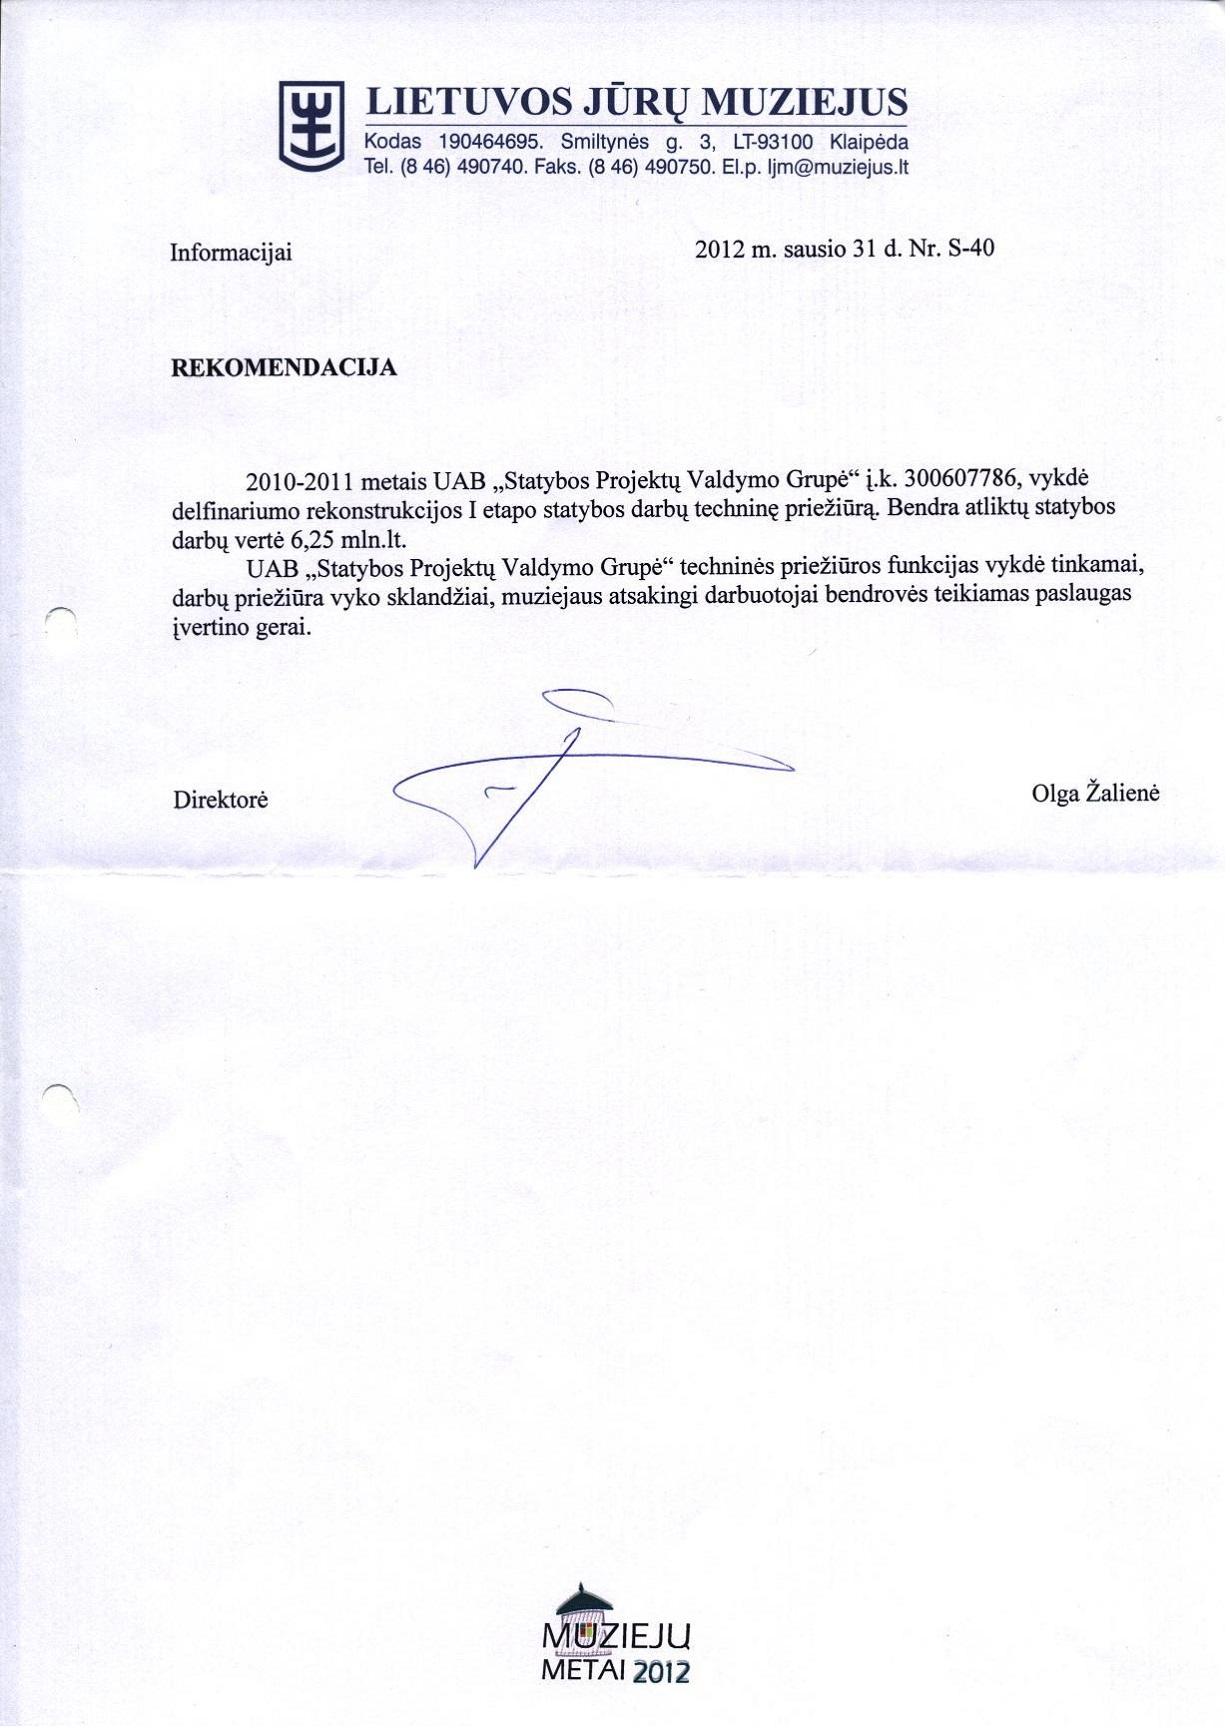 Lietuvos Jūrų muziejaus rekomendacija 2012-01-31